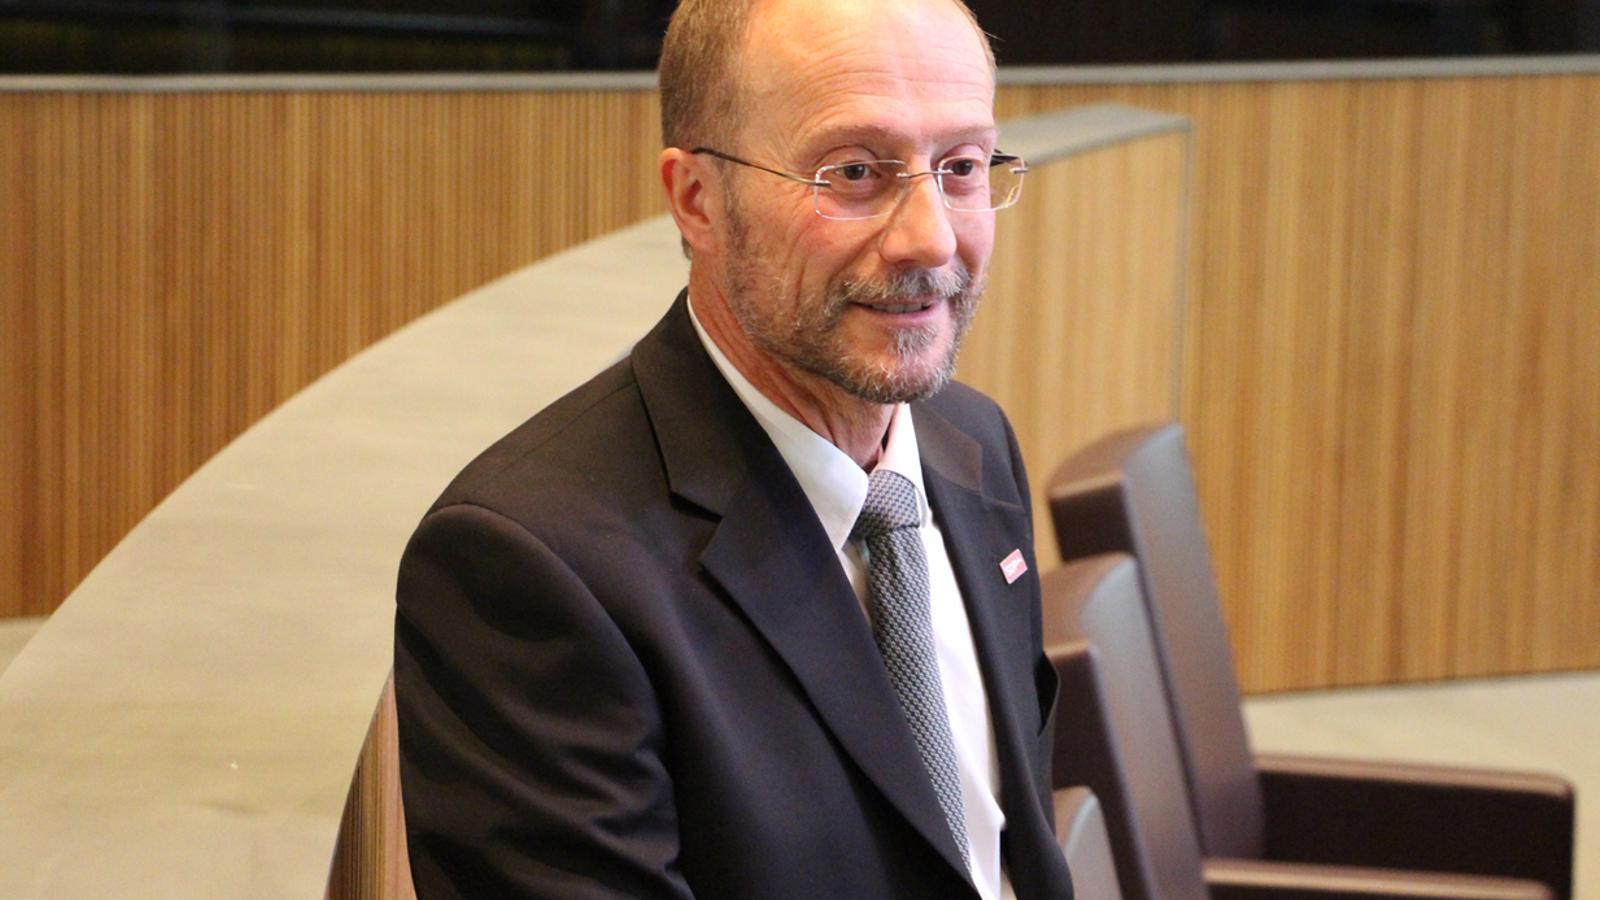 Víctor Naudi és conseller general d'SDP